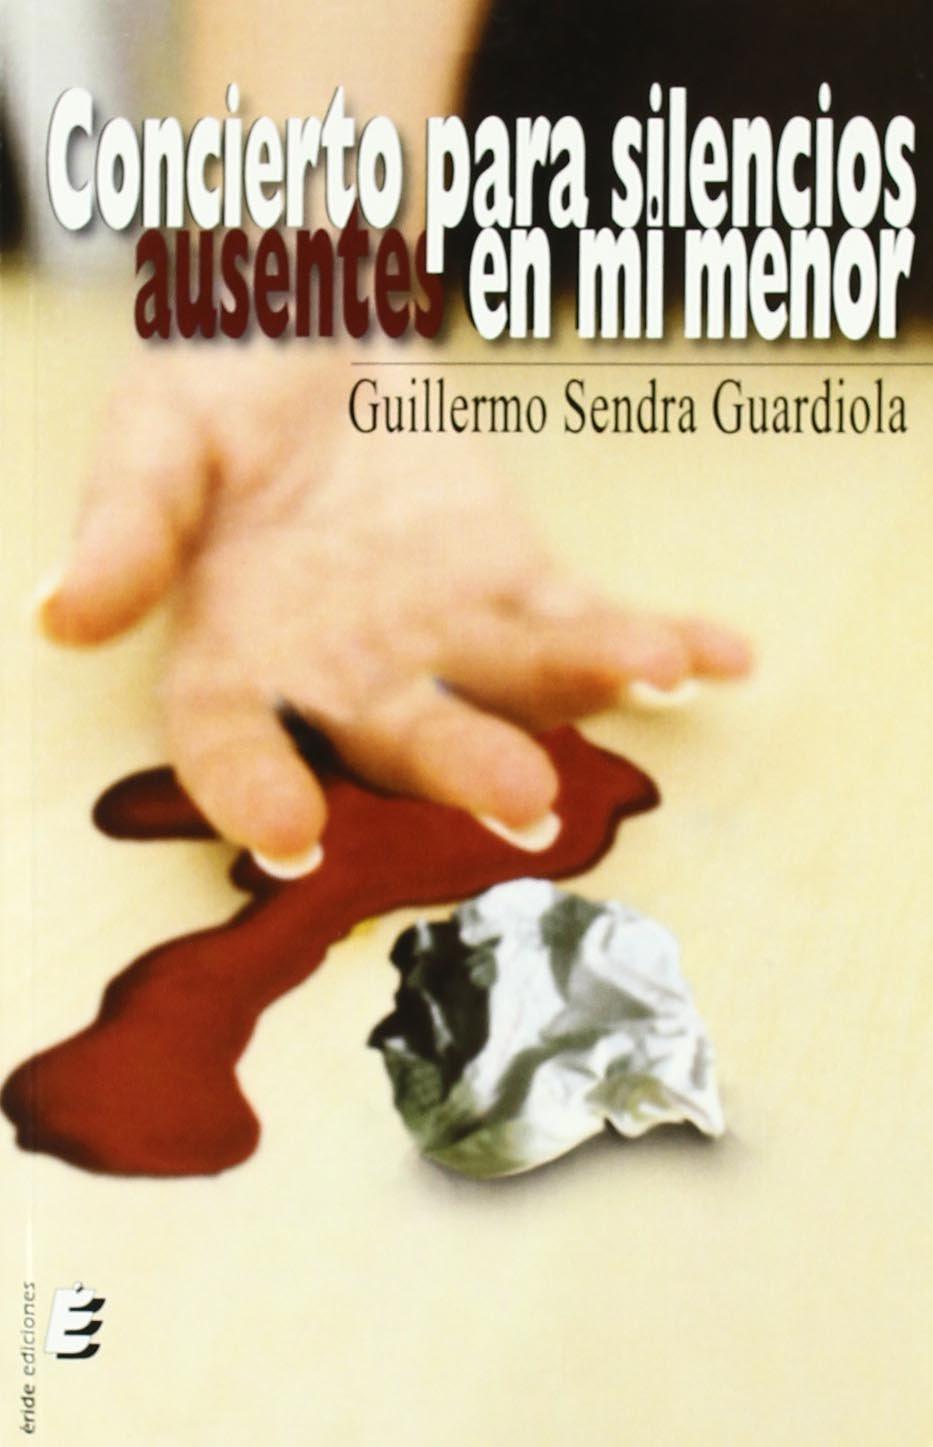 Concierto para silencios ausentes en Mi menor (Spanish) Paperback